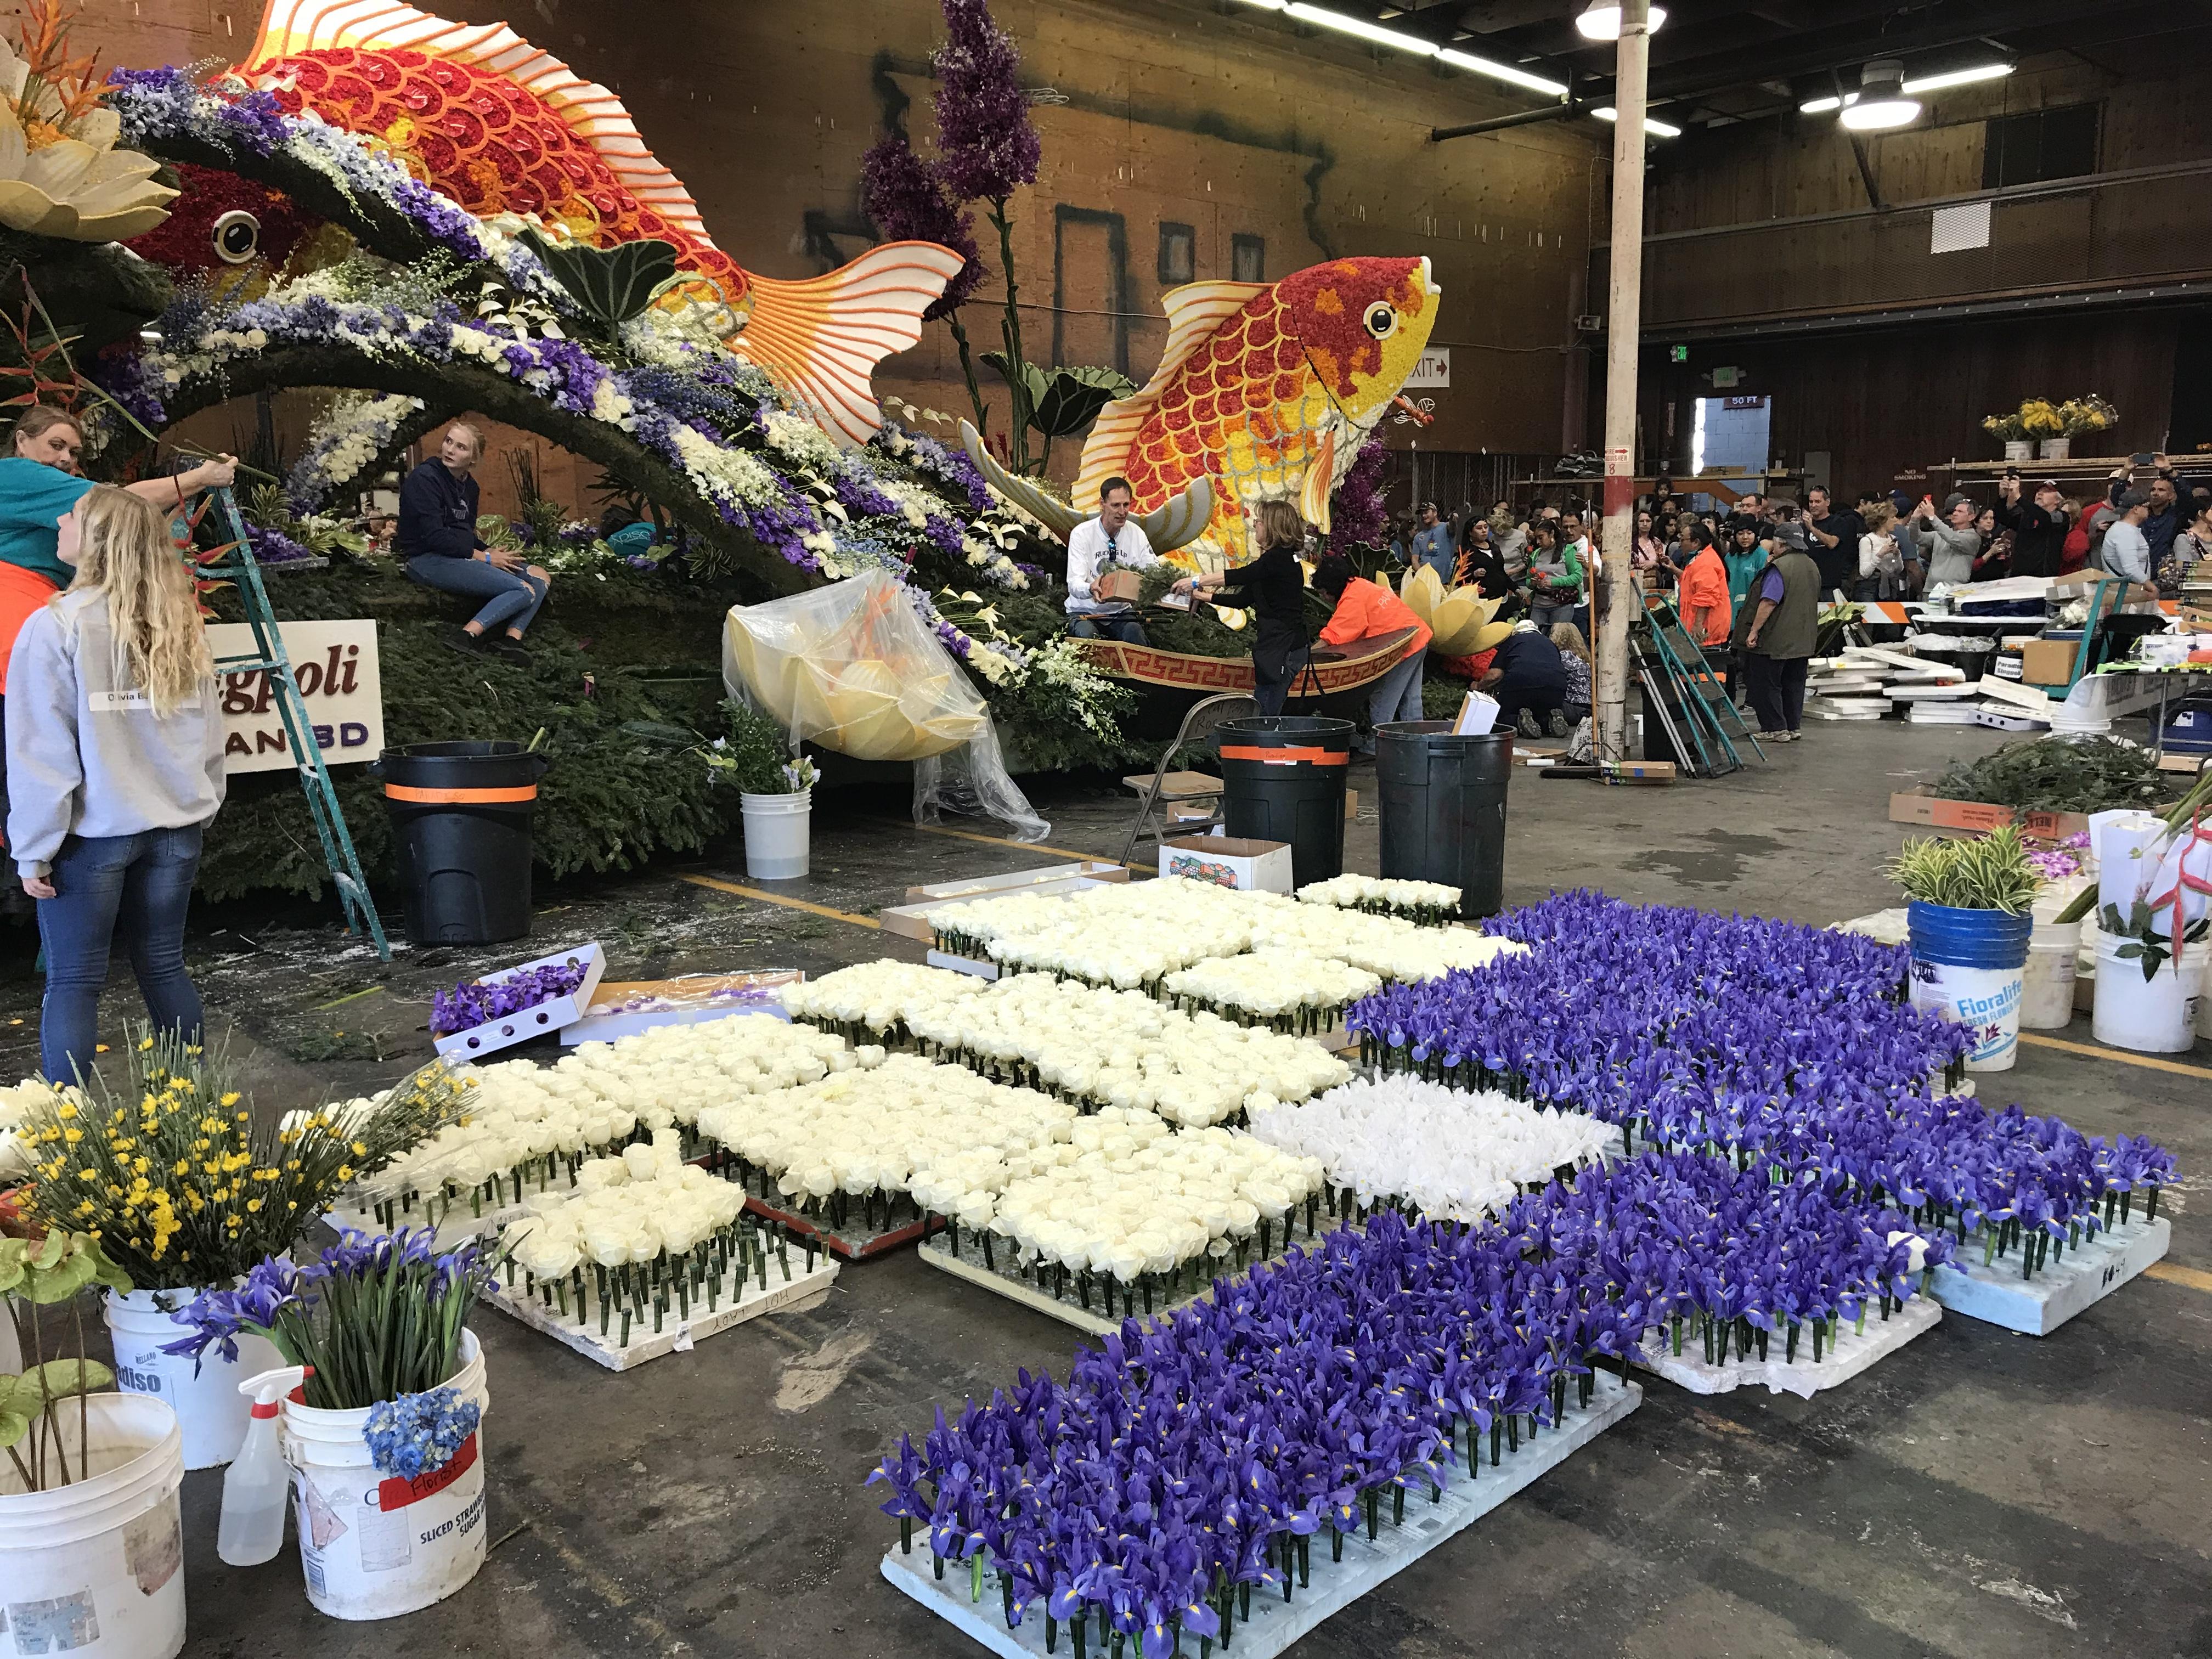 華資誠保利公司製作花車「魚躍龍門,自強不息」裝飾近尾聲。(記者啟鉻/攝影)